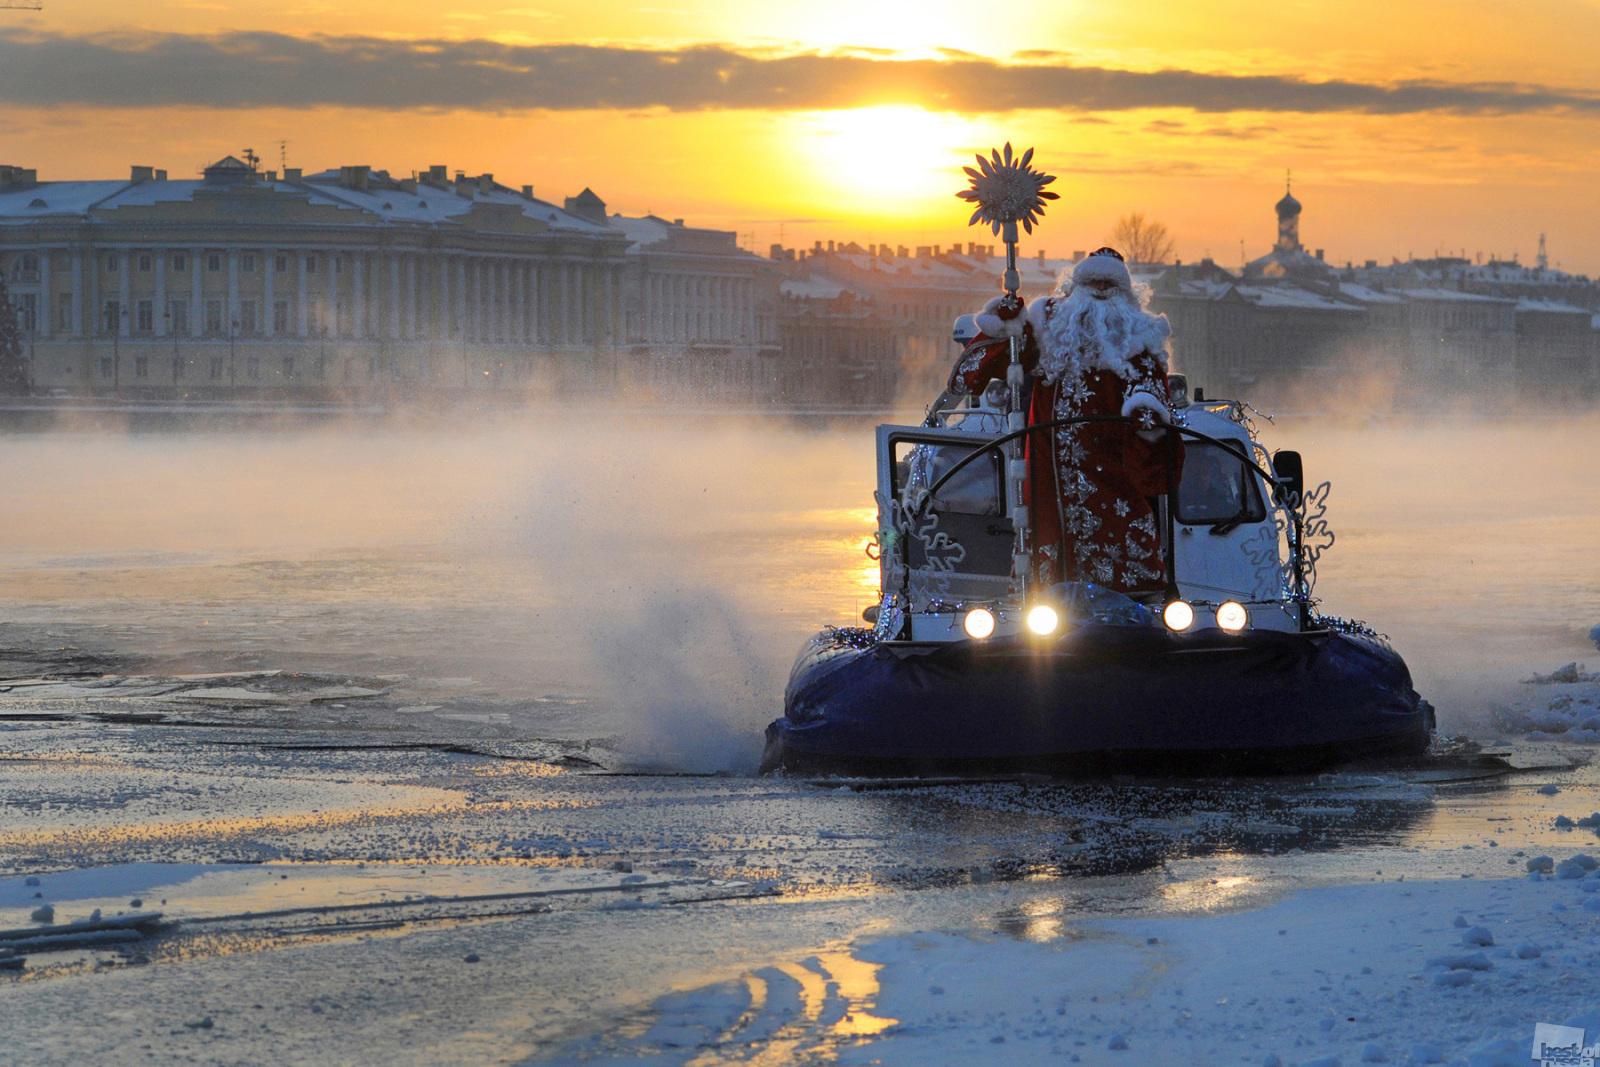 大晦日、雪に覆われたネヴァ川を超えてサンクトペテルブルクにやってくるヴェリーキー・ウスチュグのマロースじいさん(ロシア版サンタクロース)。